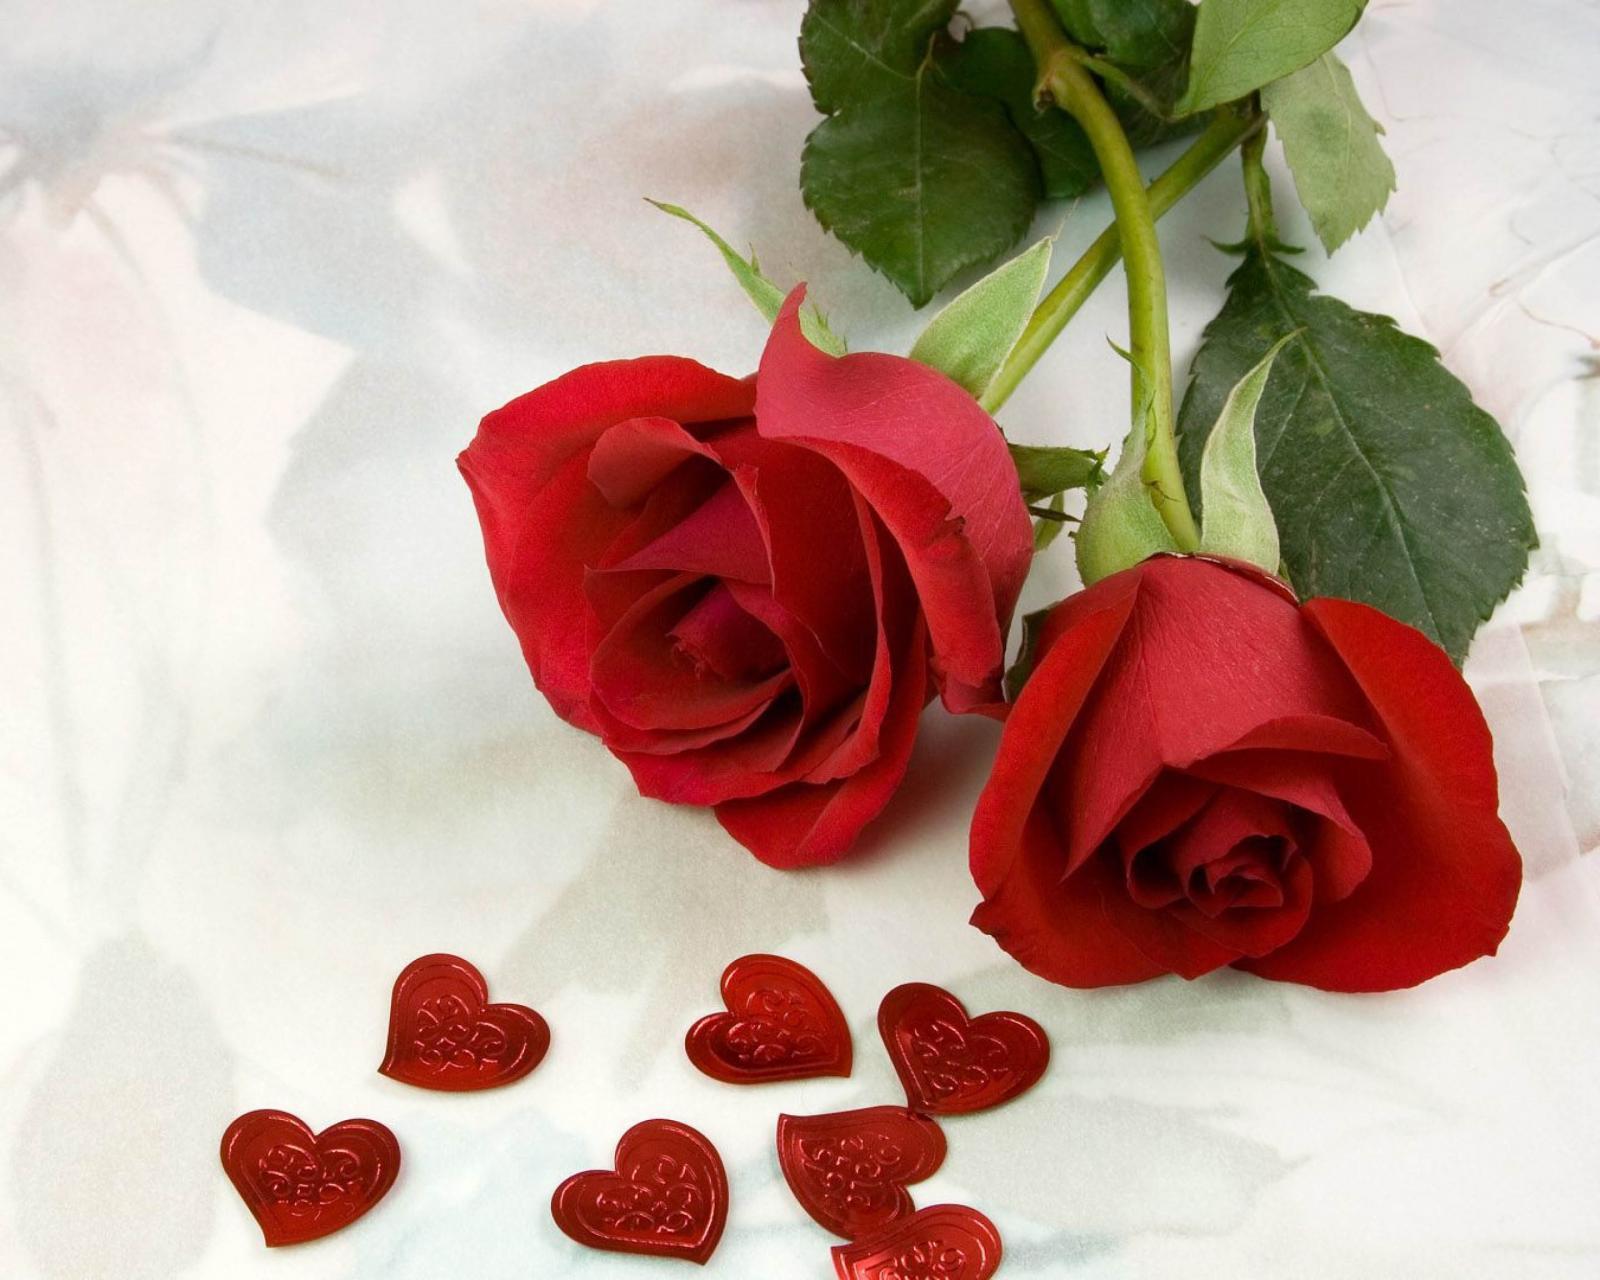 بالصور اجمل ورود الحب , اجمل باقات زهور الحب 978 13